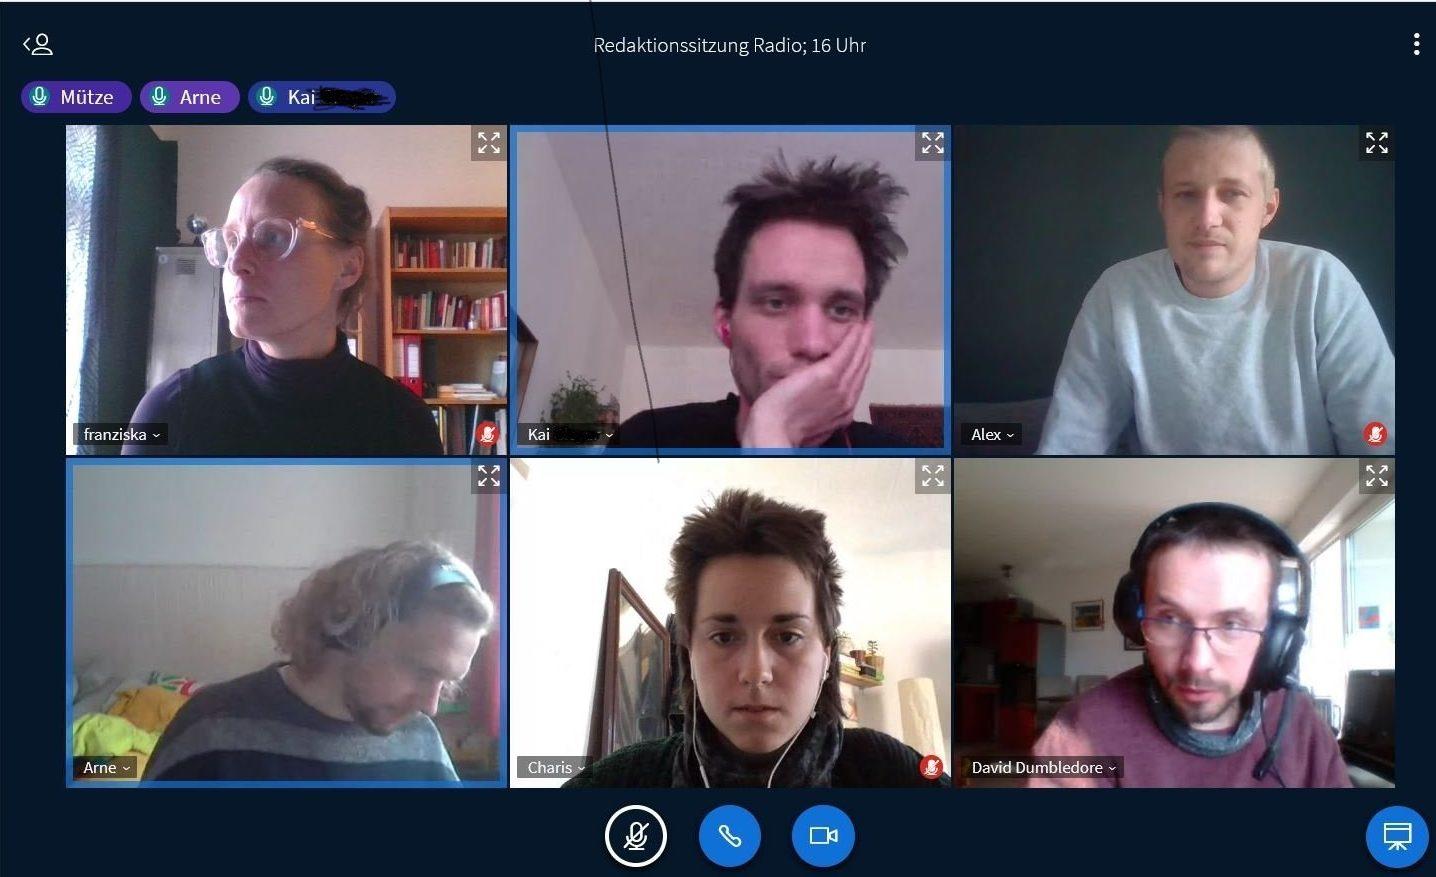 Eine Screenshot einer Videokonferenz der Redaktion. Zu sehen sind 6 Kacheln der Webcambilder der Redaktionsmitglieder